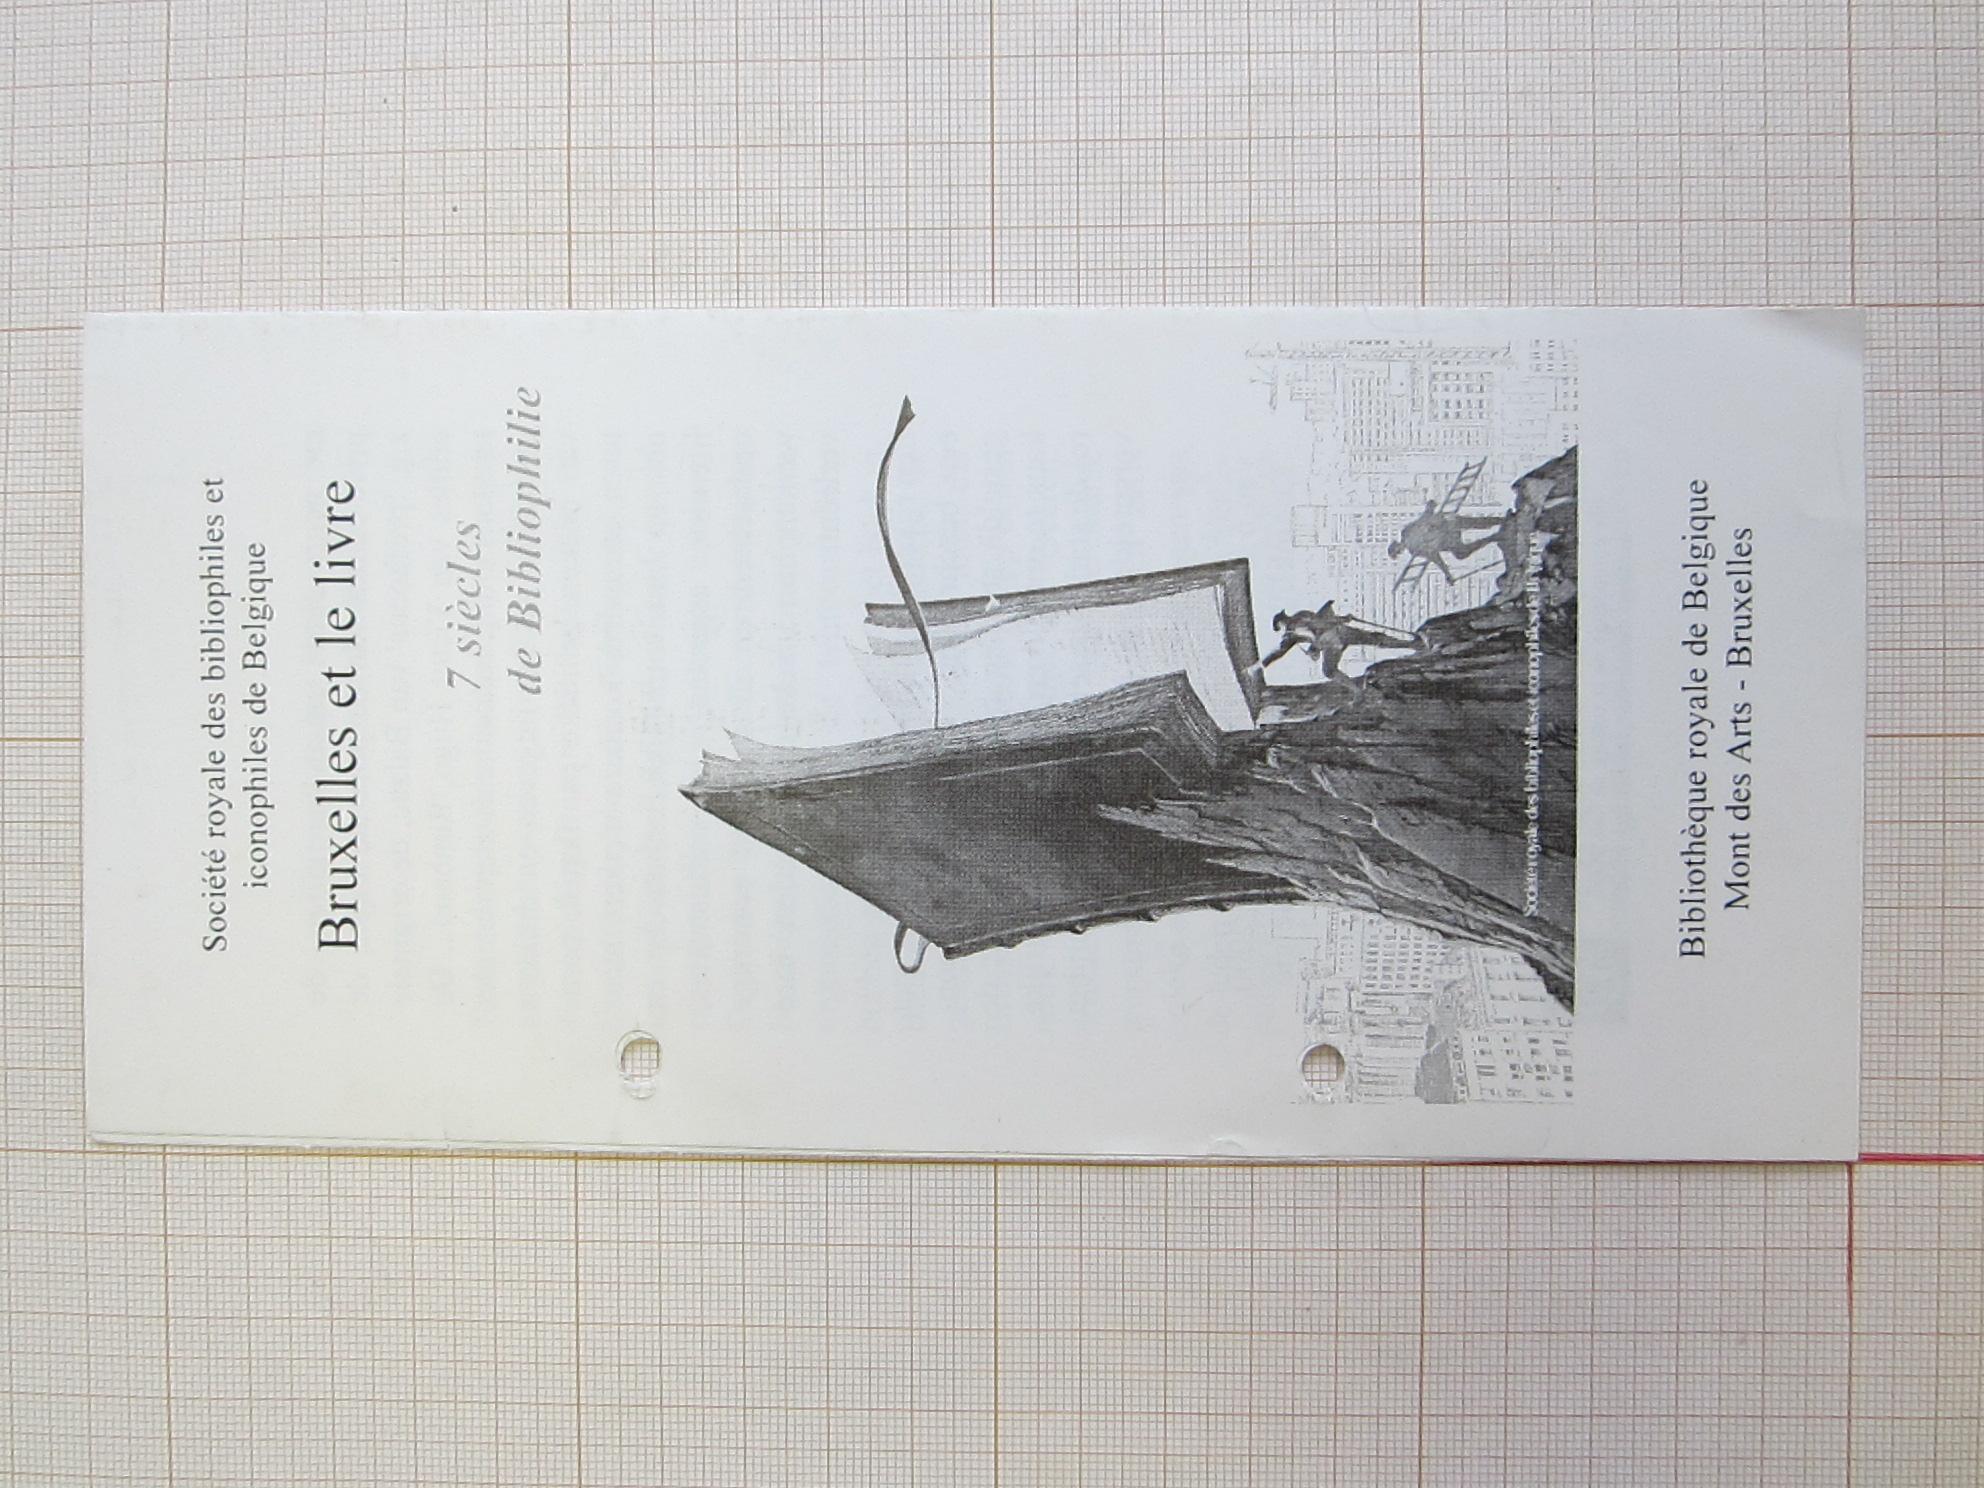 Bruxelles et le livre© François Schuiten / Société royale des bibliophiles et iconophiles de Belgique, 2000